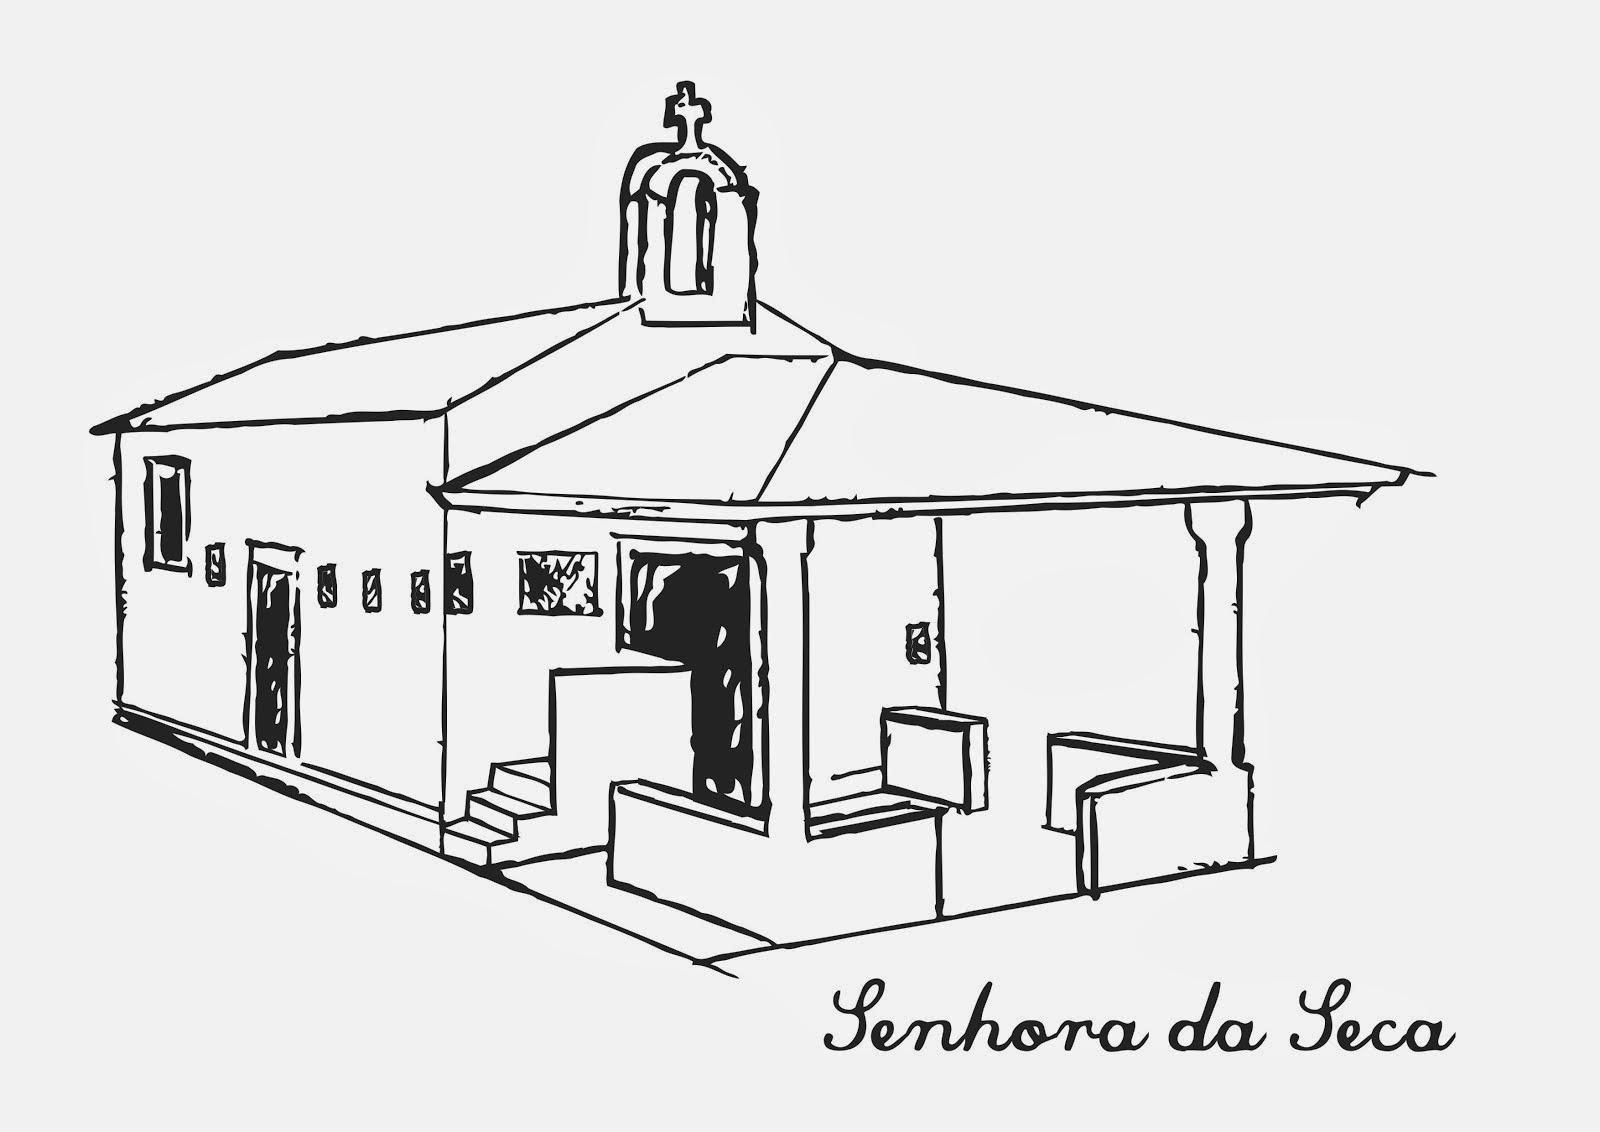 QUINTA SENHORA DA SECA